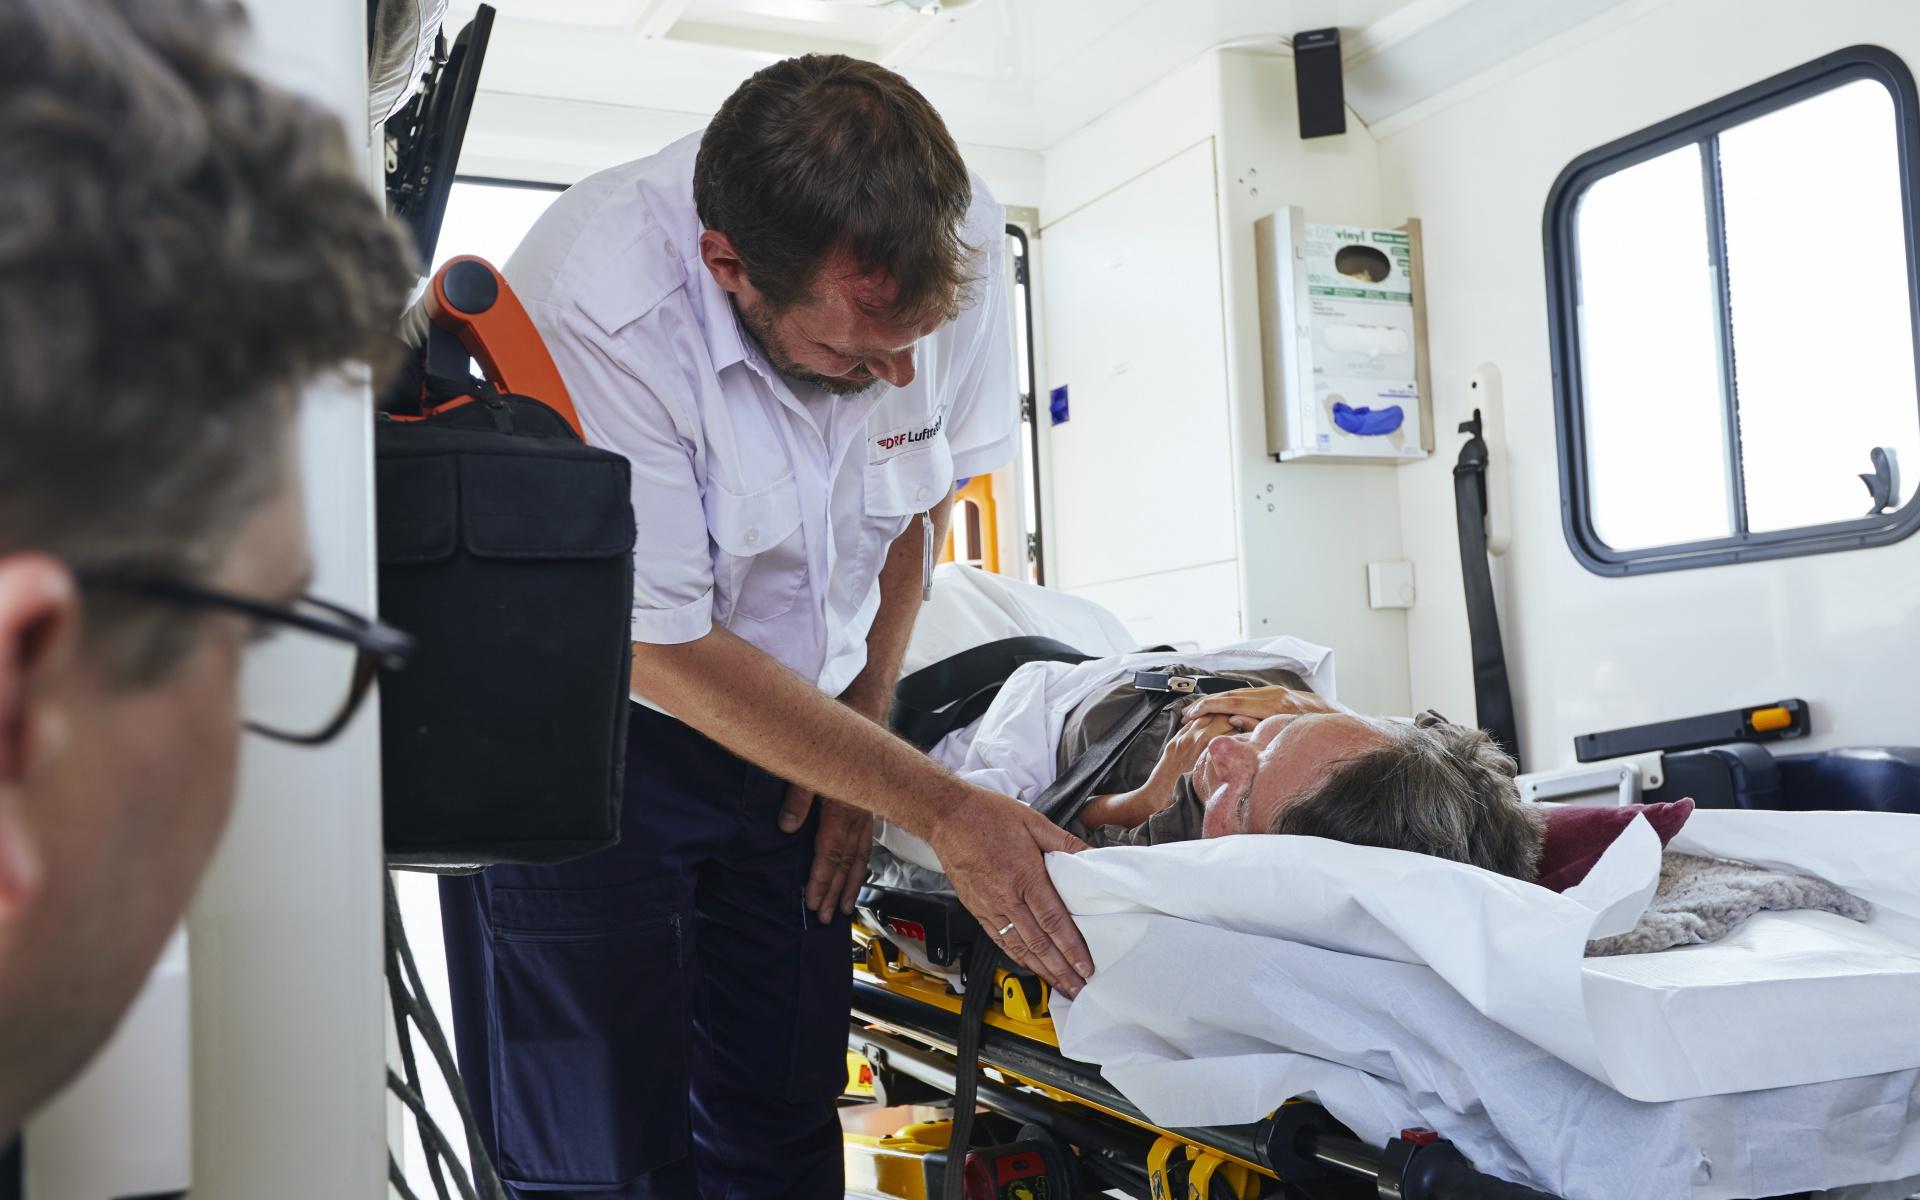 Mit den besten Wünschen verabschiedete sich der Notfallsanitäter der DRF Luftrettung von Ilona Brandt. (Foto: Jens Pussel)